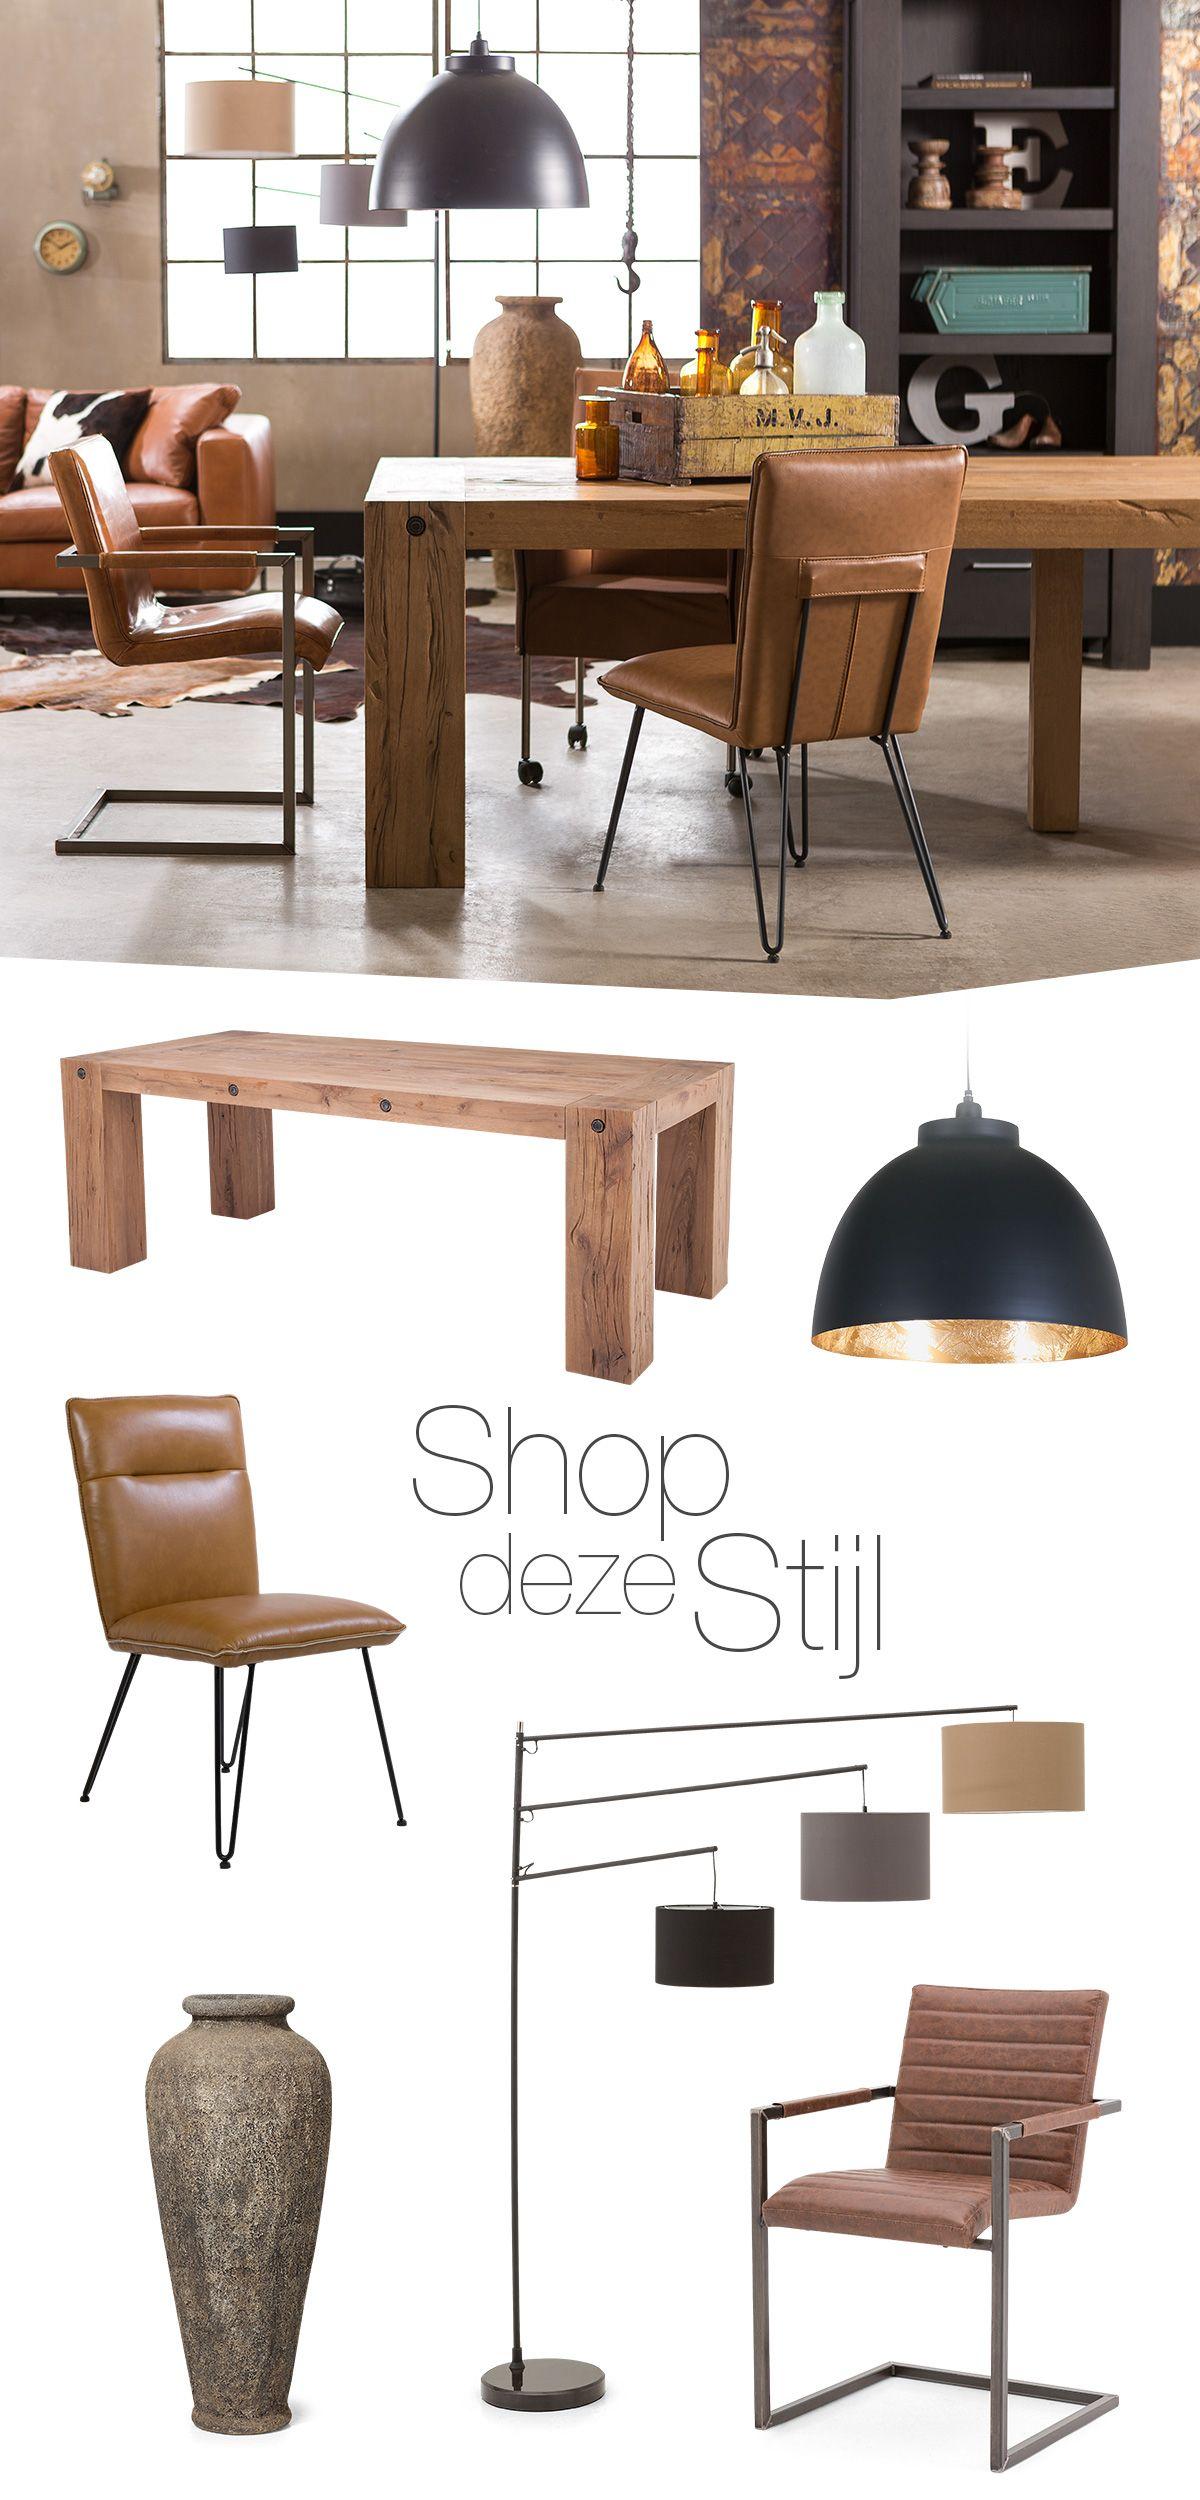 Shop deze stijl! #puur #landelijk #stoer #vintage #interieur ...